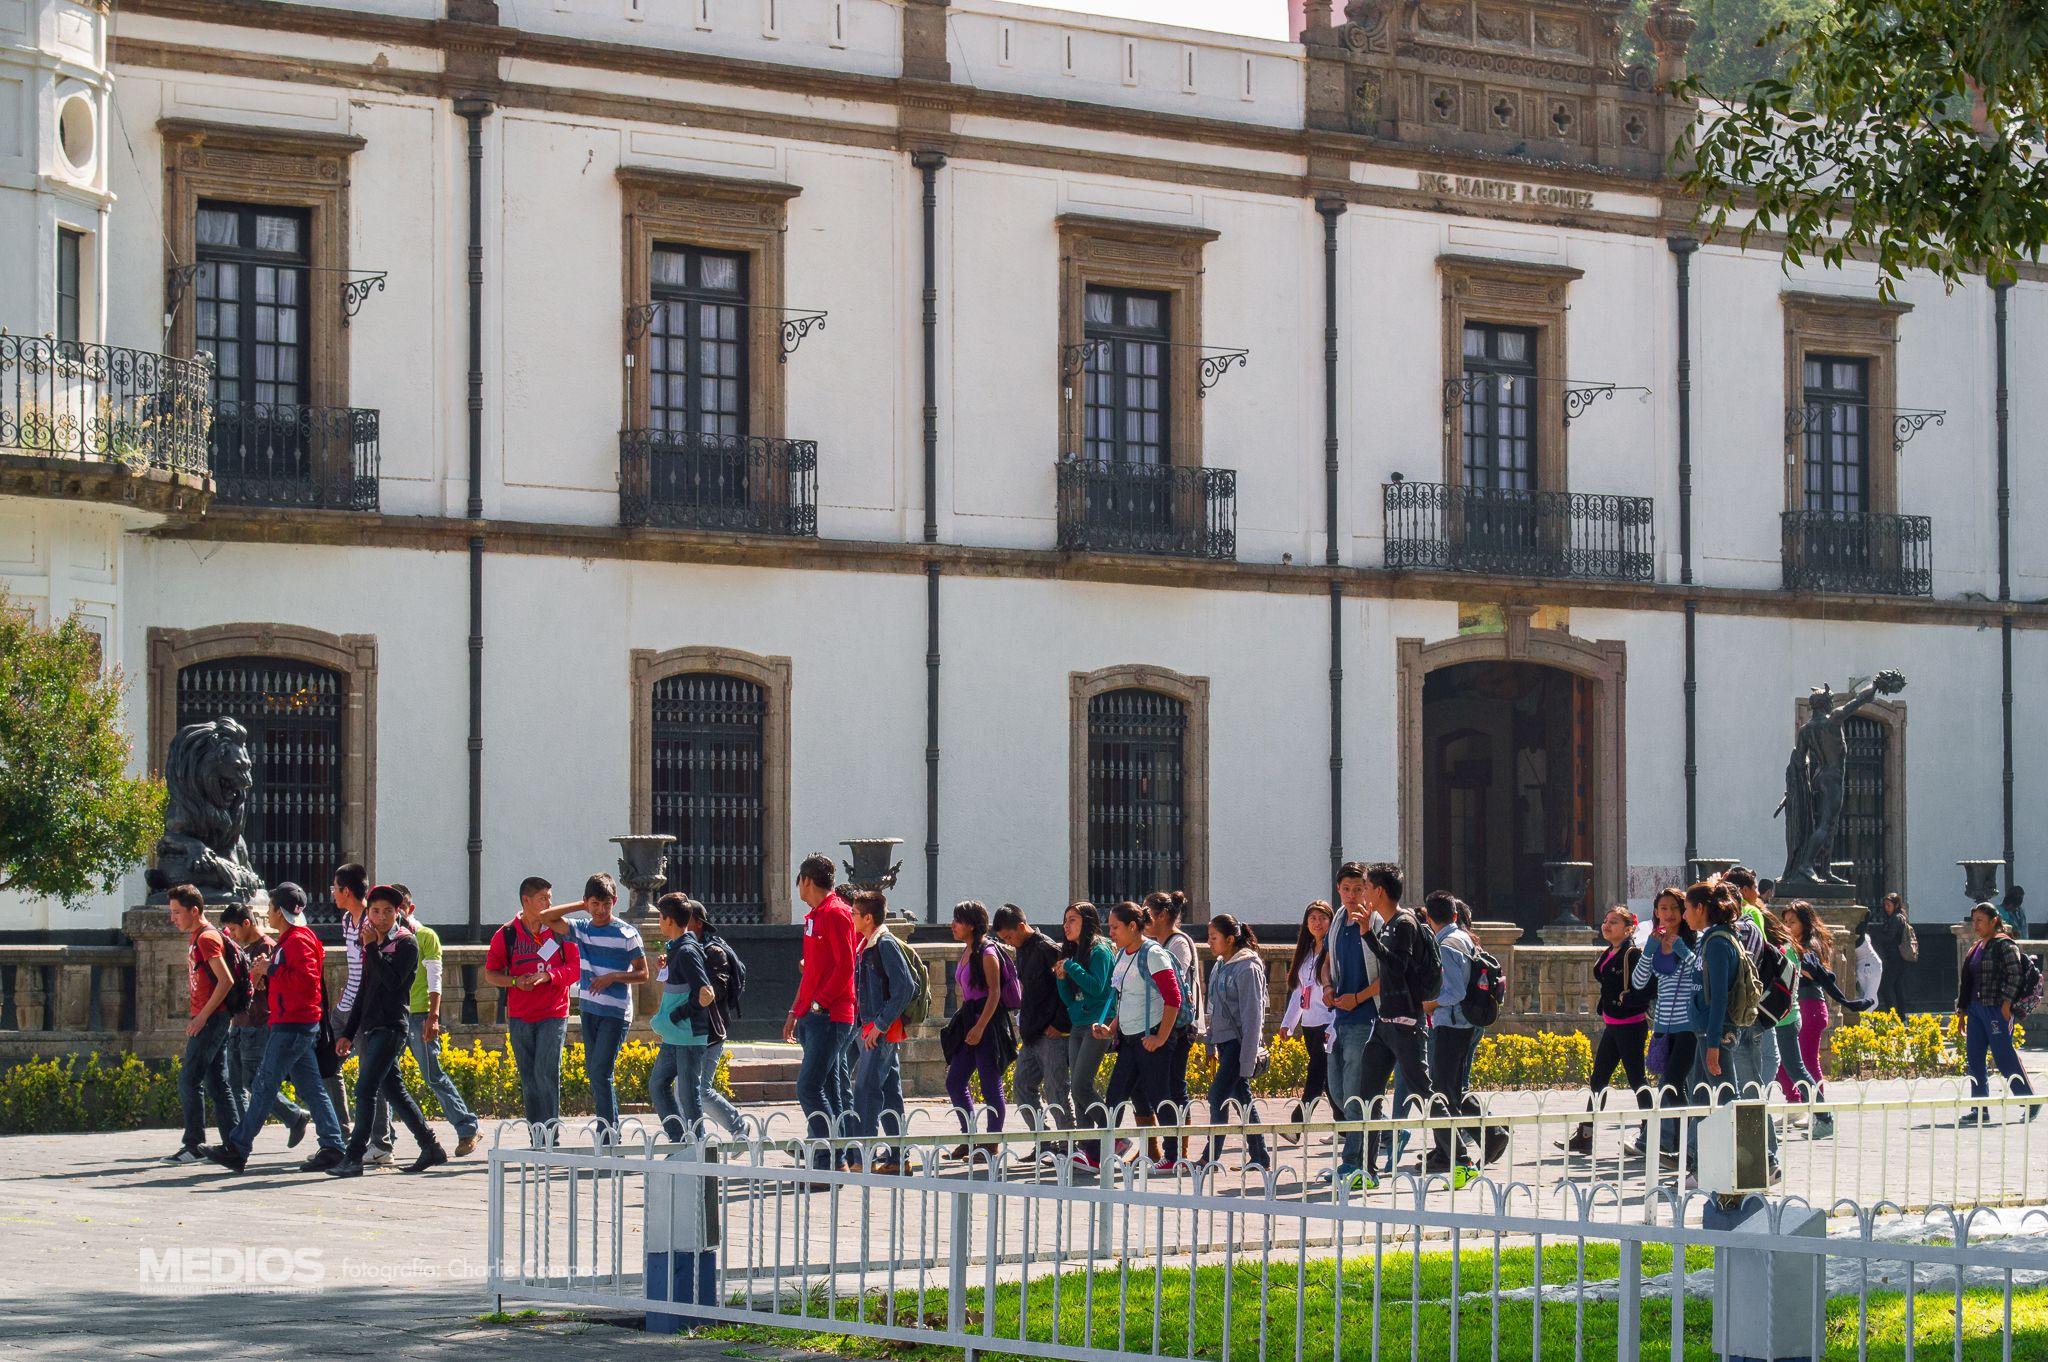 Alumnos de Nuevo Ingreso de la Universidad Autónoma Chapingo frente al edificio de Rectoría.